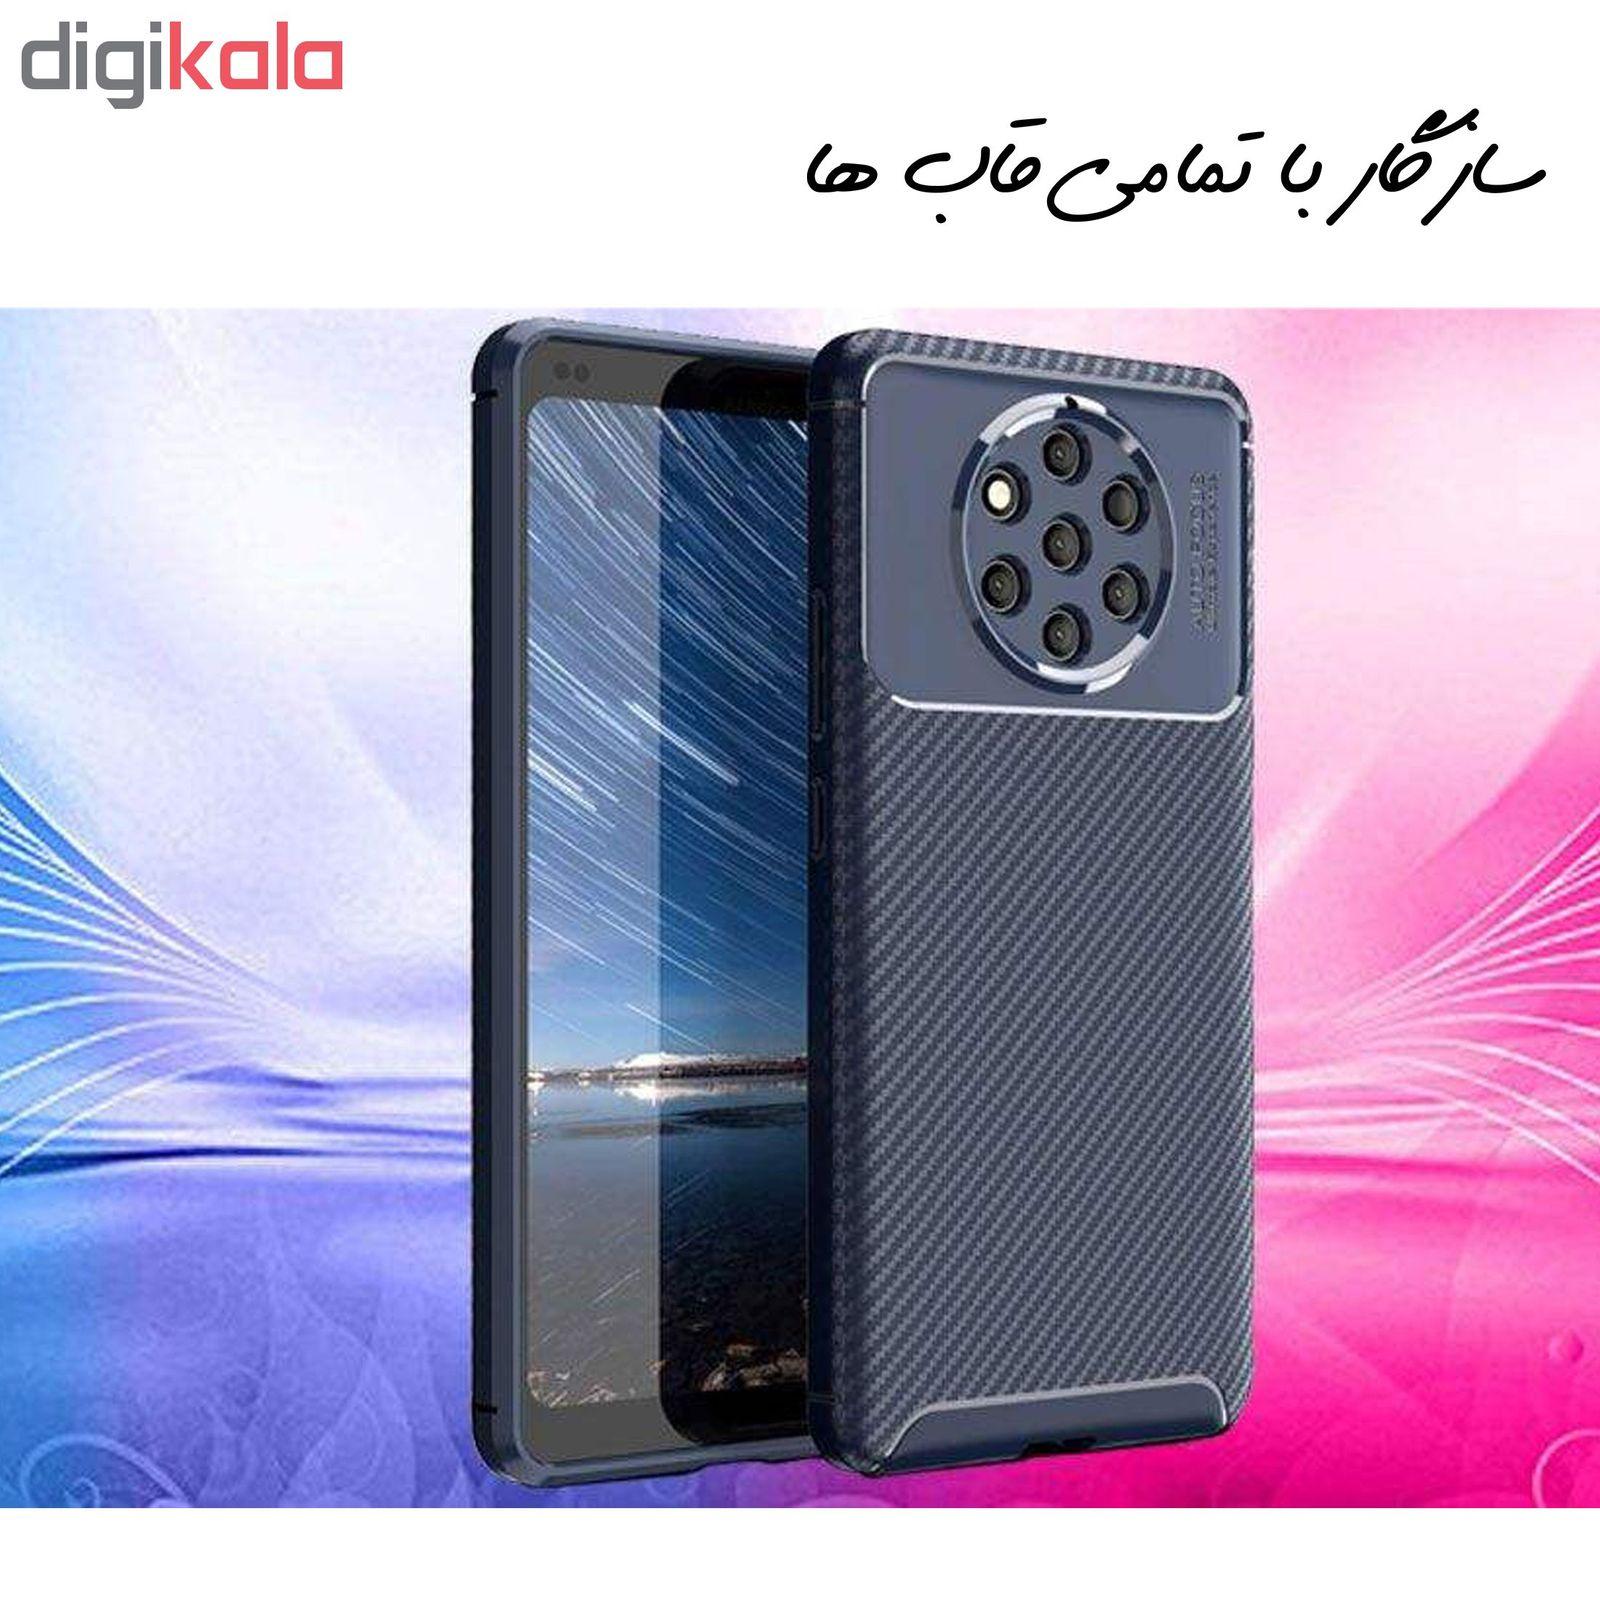 محافظ صفحه نمایش Hard and thick مدل F-001 مناسب برای گوشی موبایل سامسونگ Galaxy Note 8 main 1 5